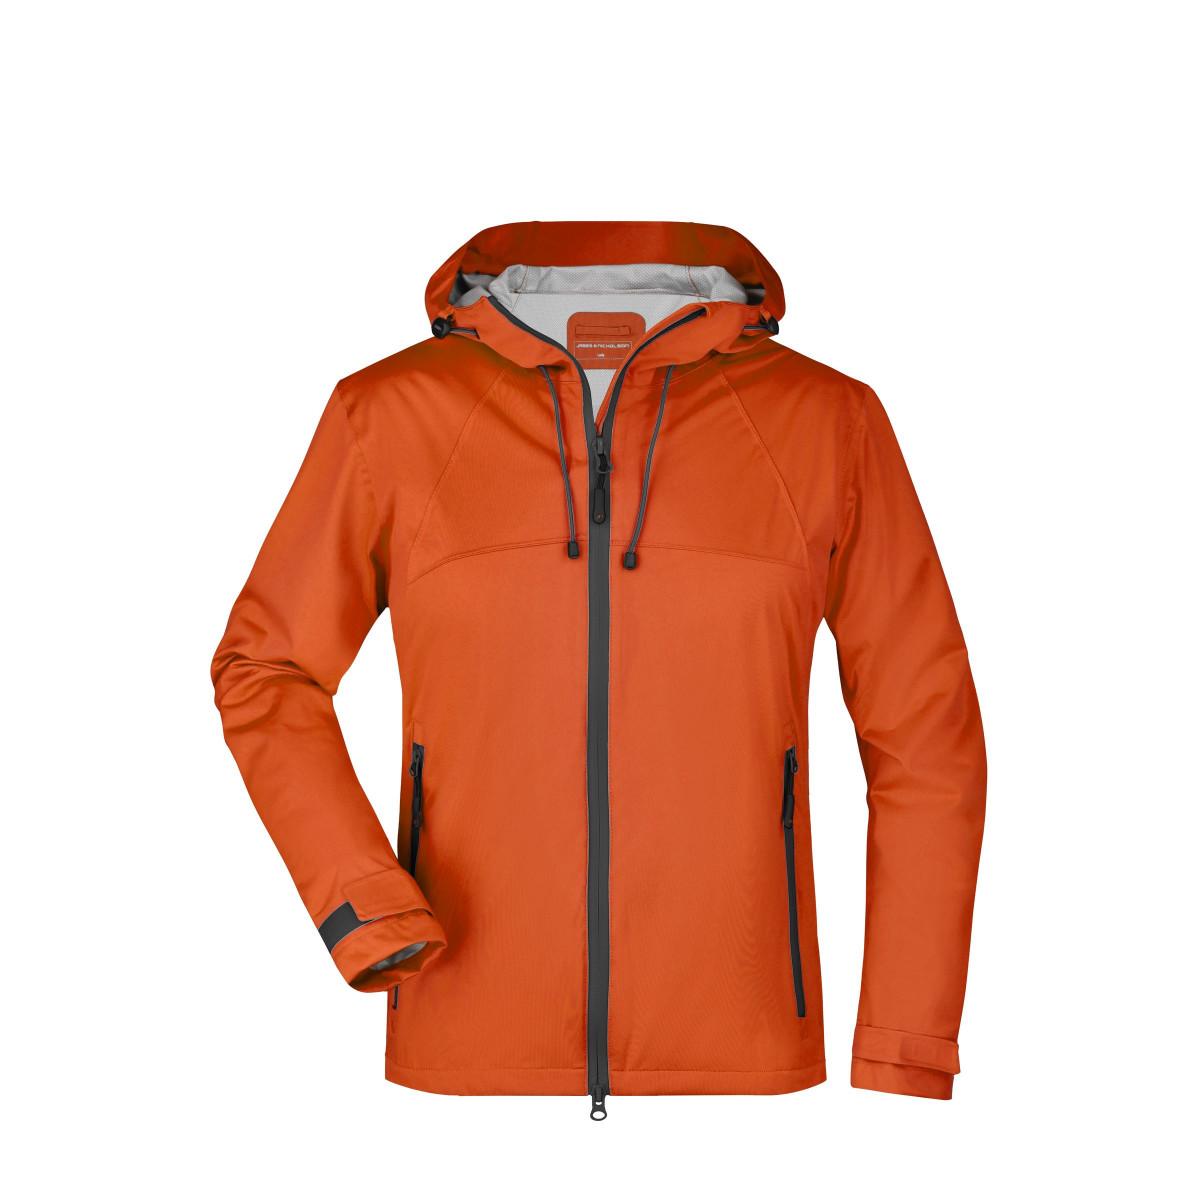 Куртка женская JN1097 Ladies Outdoor Jacket - Темно-оранжевый/Стальной